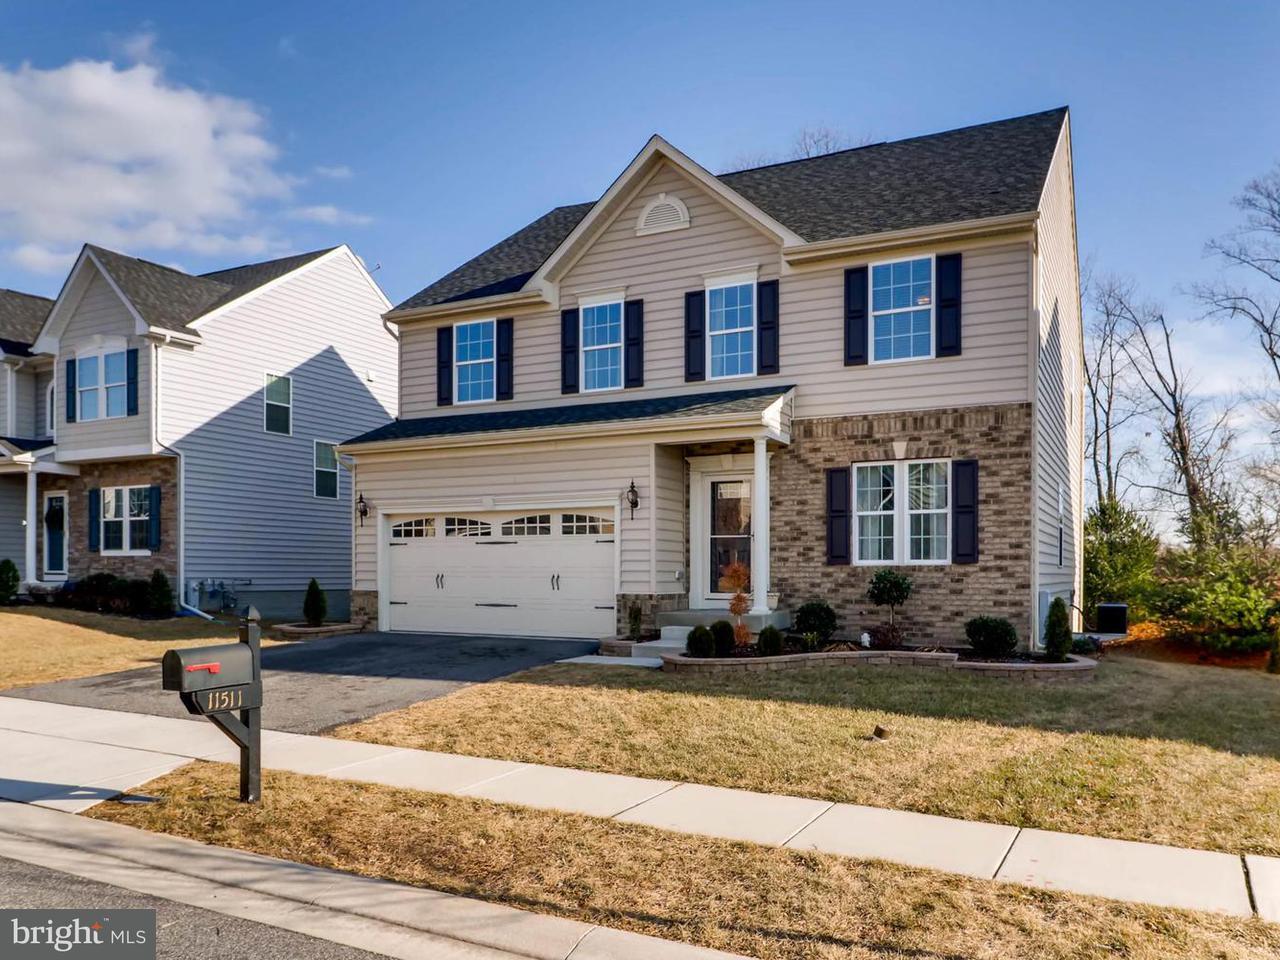 独户住宅 为 销售 在 11511 Ridgedale Drive 11511 Ridgedale Drive White Marsh, 马里兰州 21162 美国